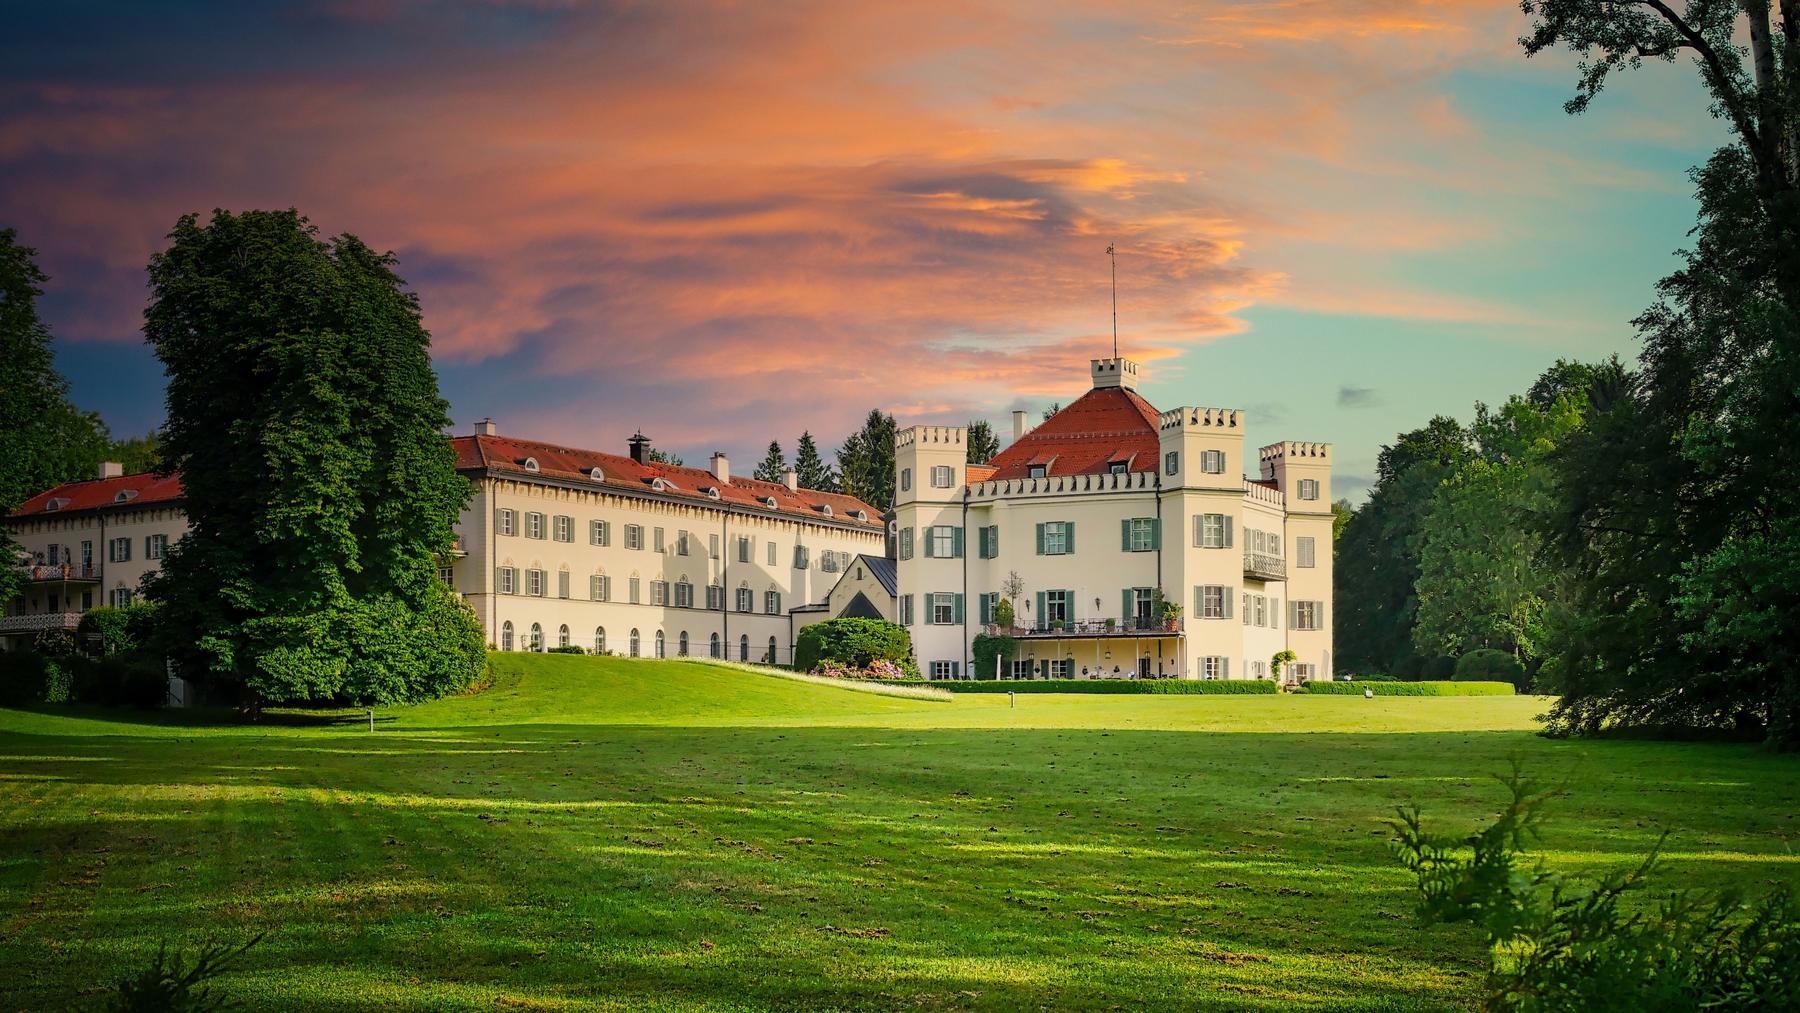 Das Starnberger Schloss